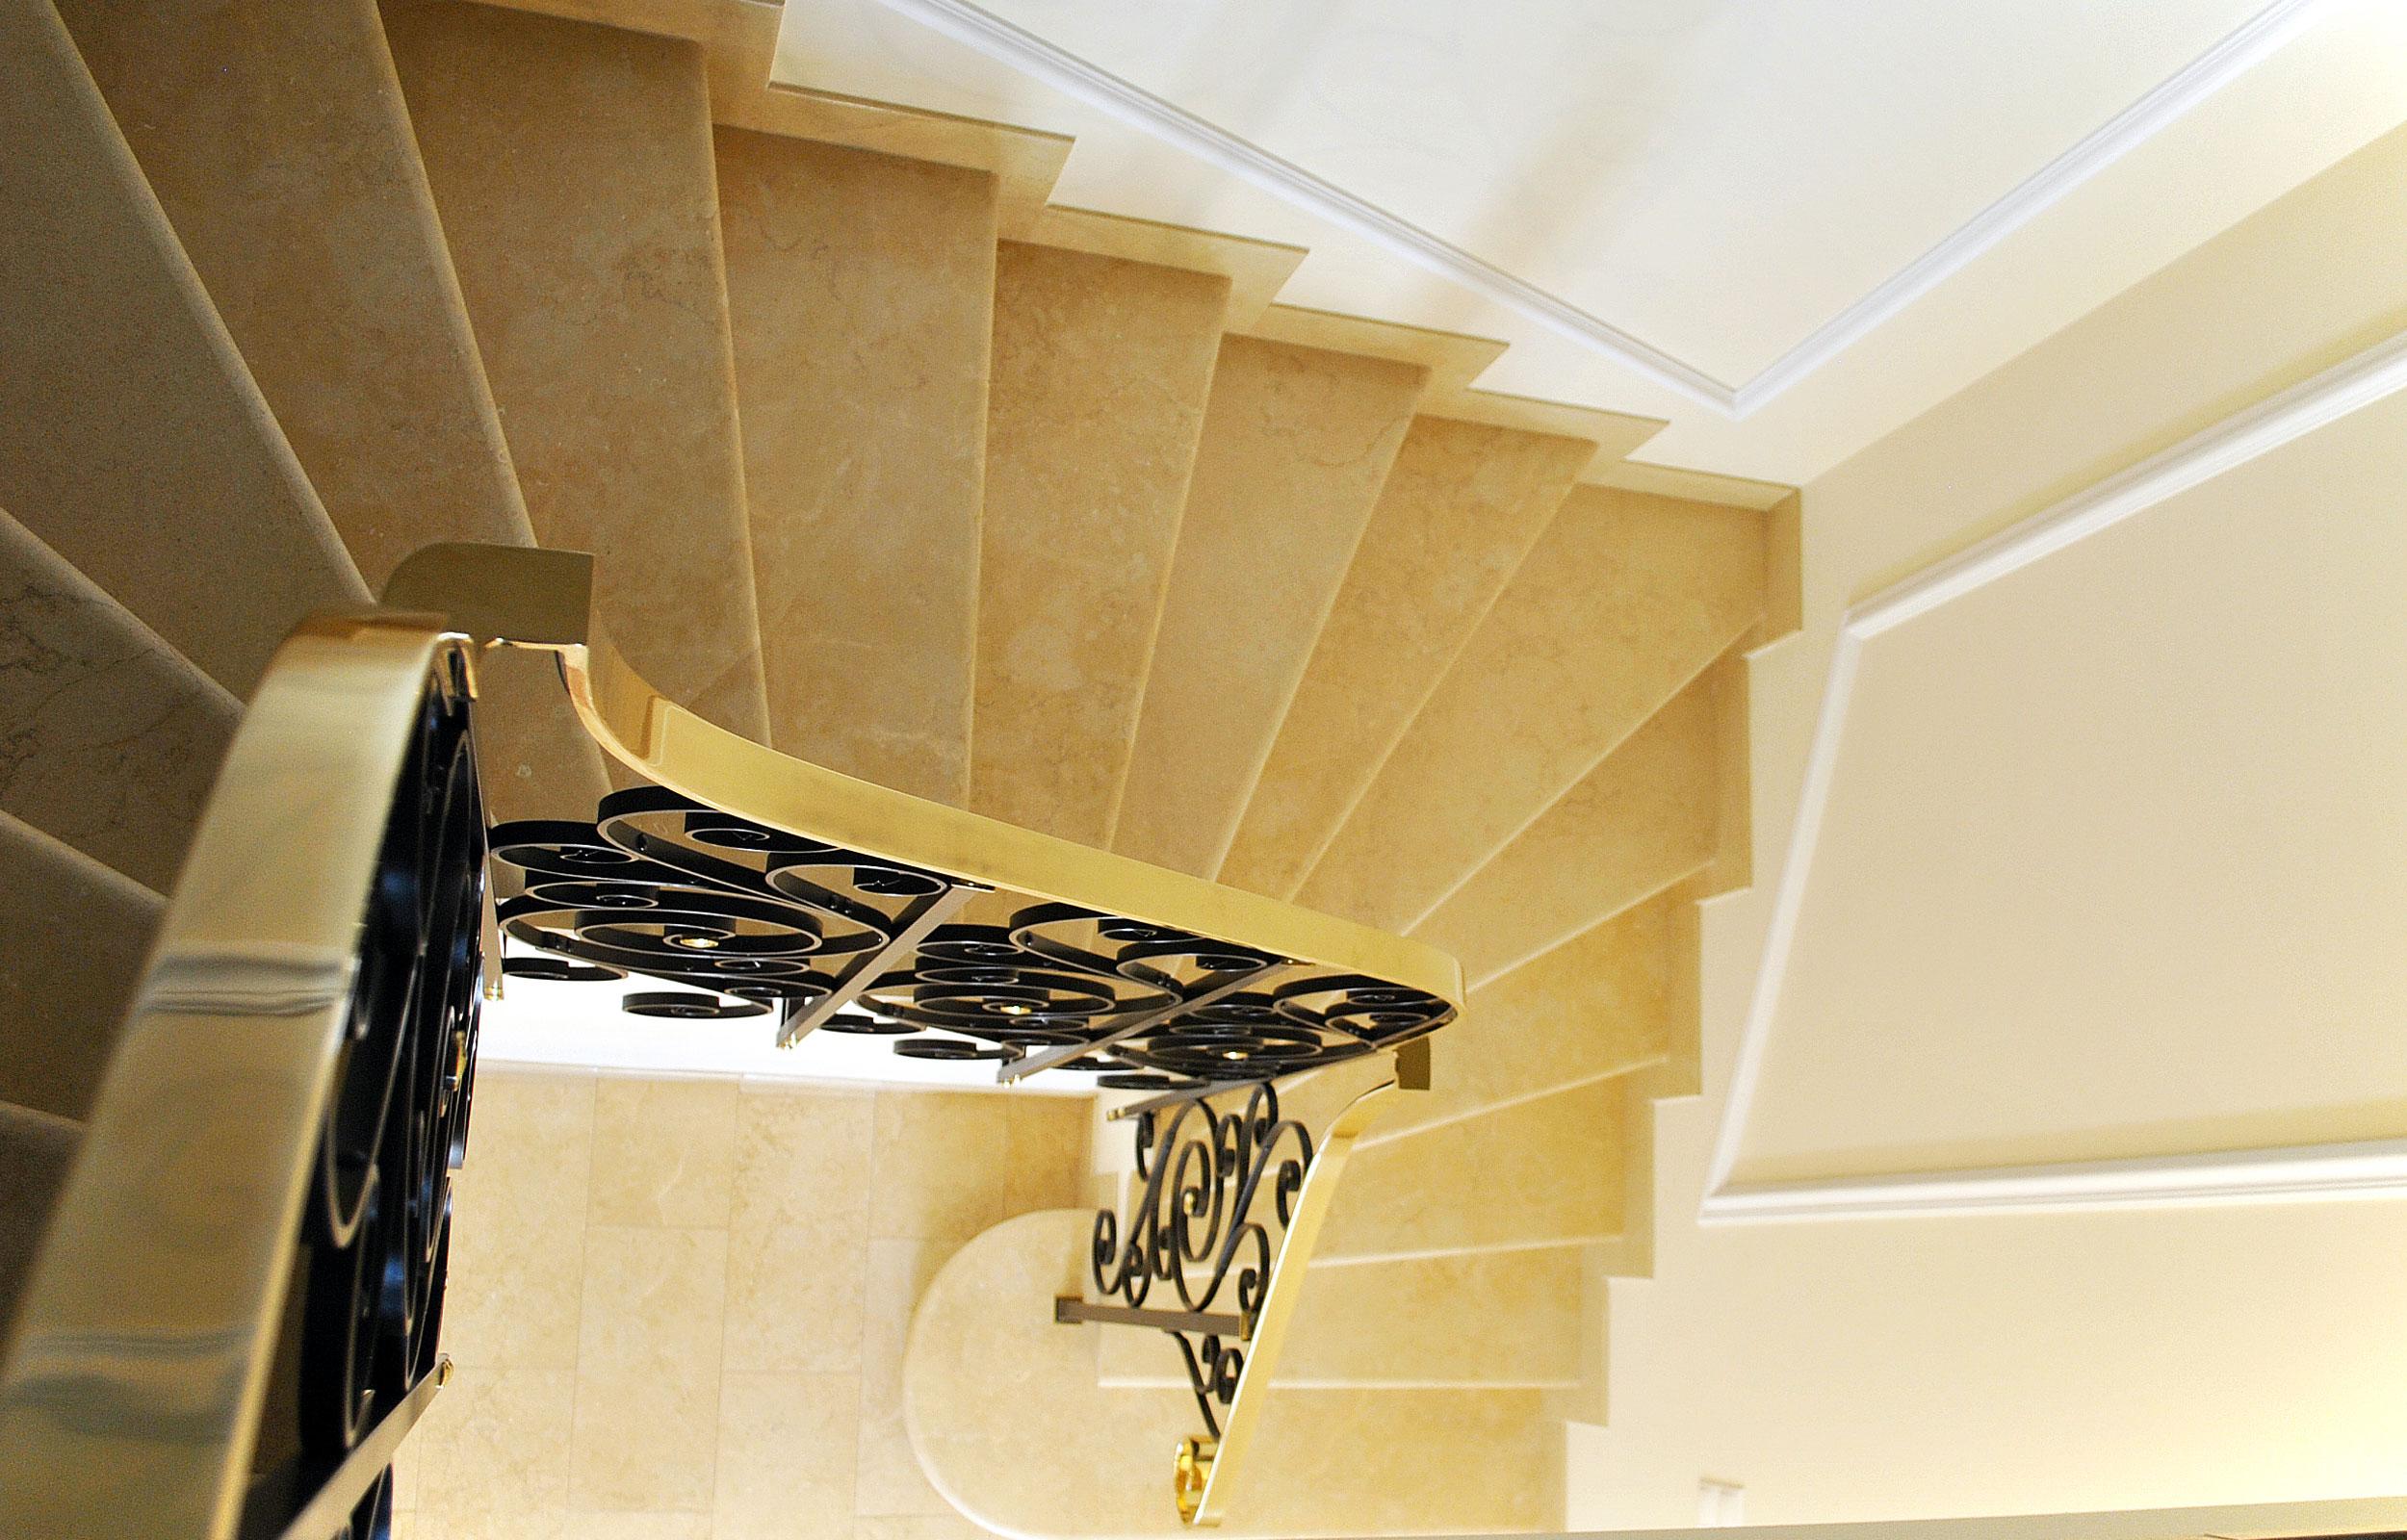 Scara interioara fier forjat balustrada marmura haute couture clasic